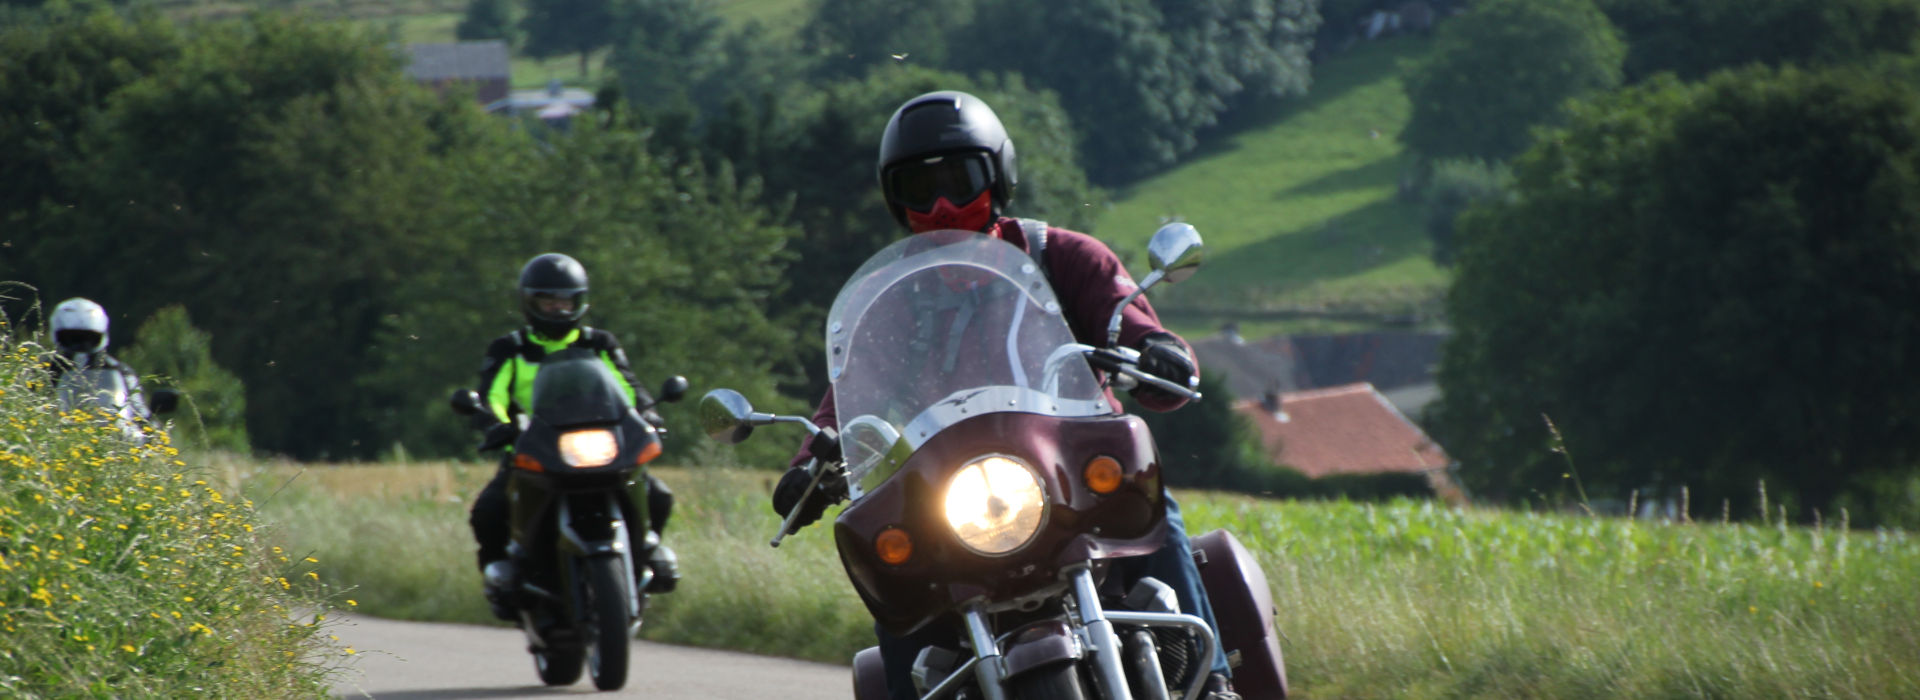 Motorrijbewijspoint Arnhem motorrijlessen